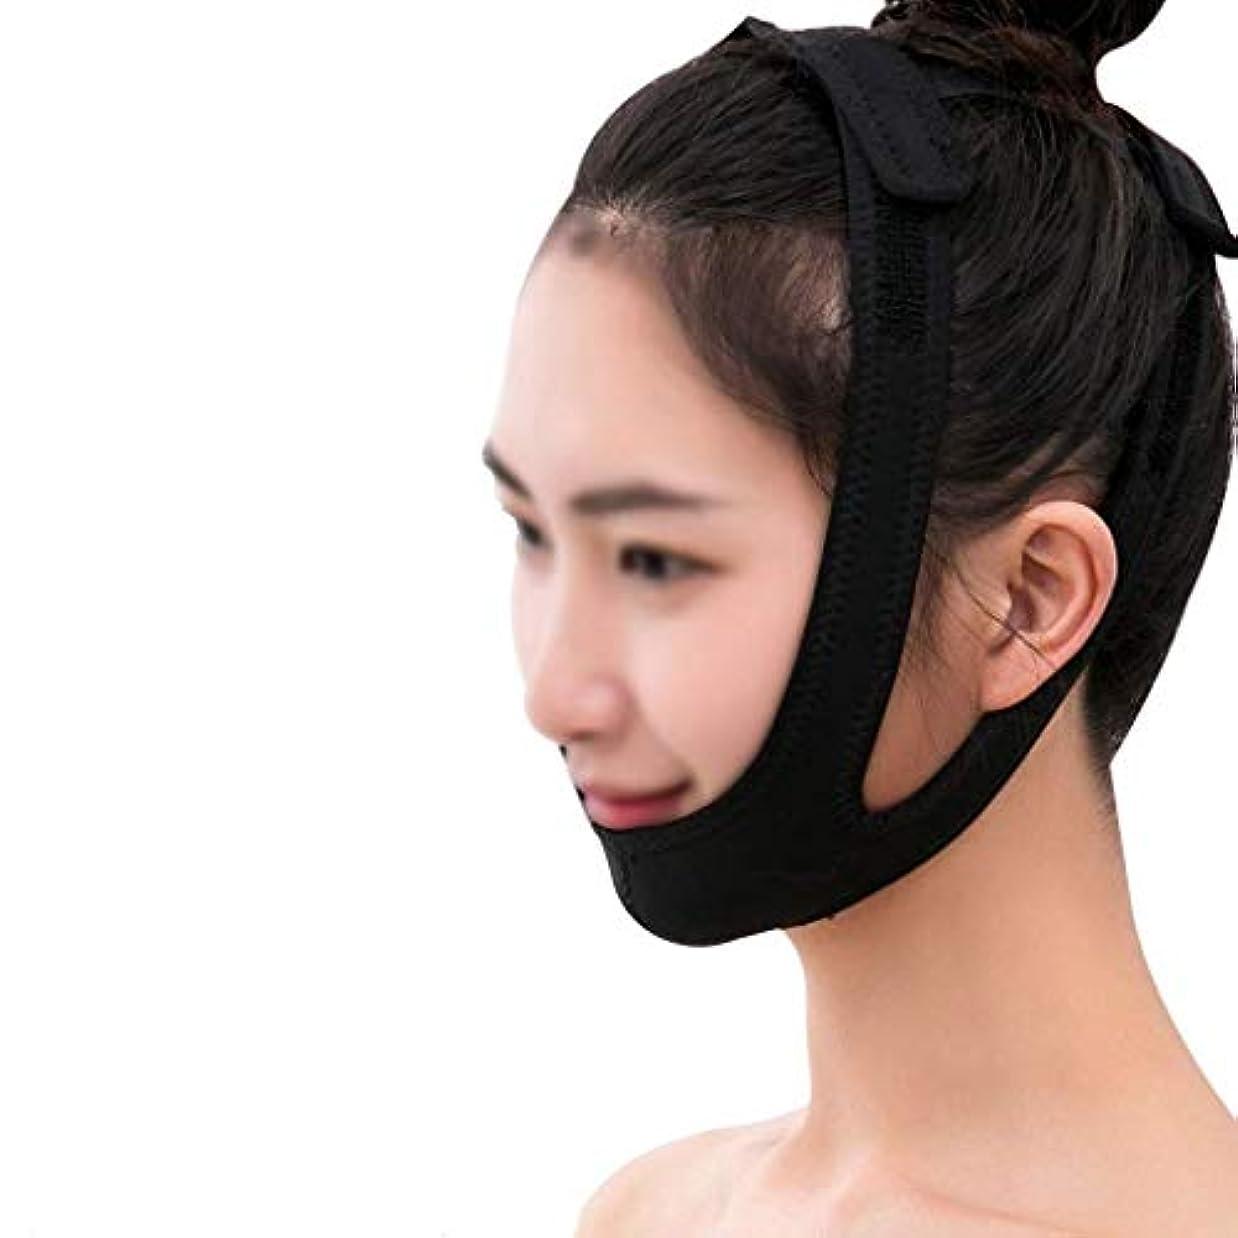 達成する病気だと思う経済的フェイシャルリフティングマスク、医療用ワイヤーカービングリカバリーヘッドギアVフェイスバンデージダブルチンフェイスリフトマスク